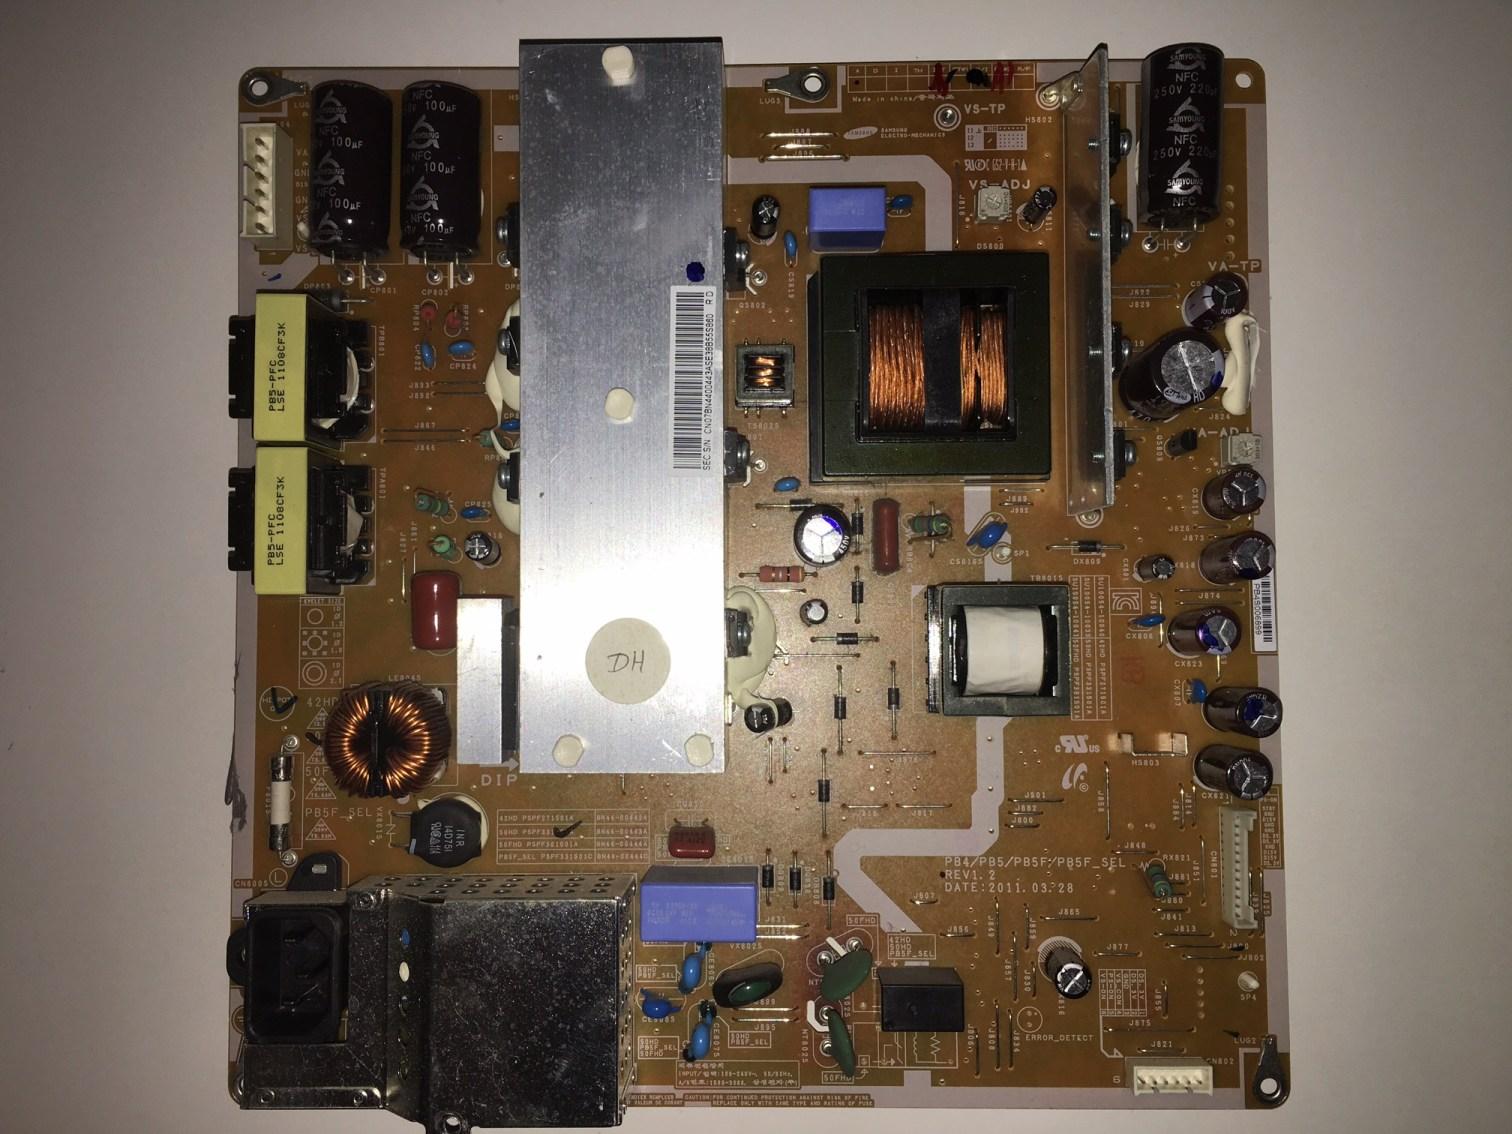 Samsung BN44-00443A (PSPF331501A) Power Supply Unit